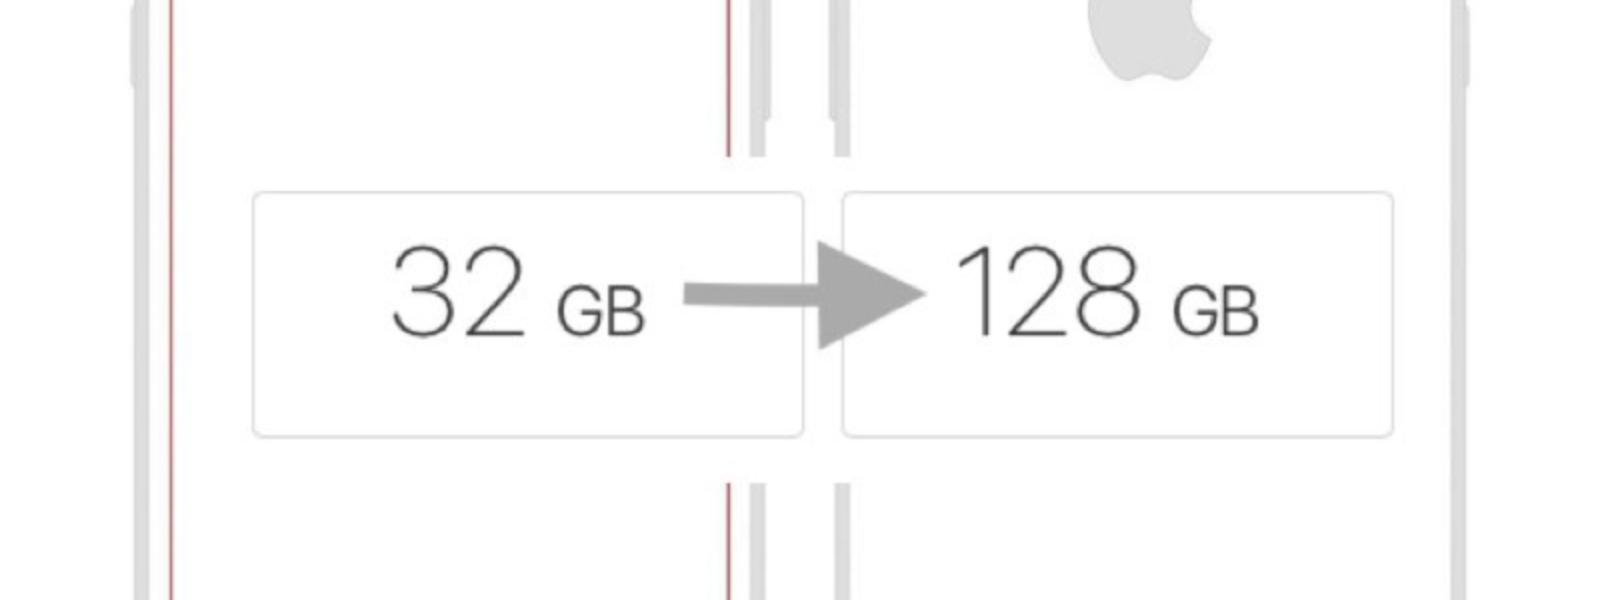 Za mało miejsca w iPhone? Powiększ pamięć nawet do 128 GB!